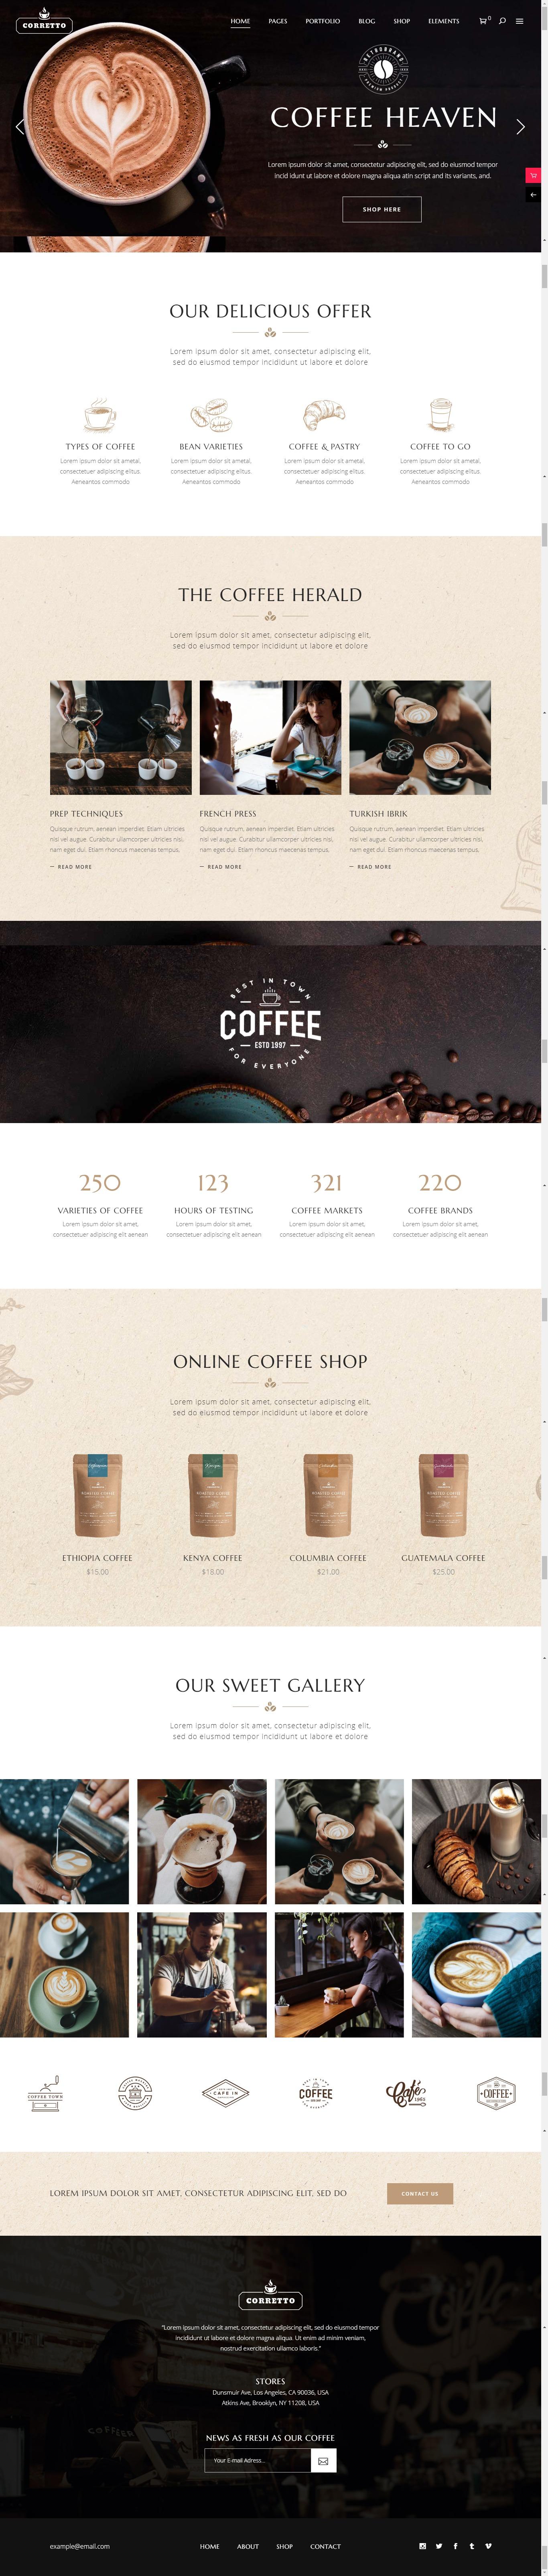 Thiết kế website cho cửa hàng cafe - tiệm trà.